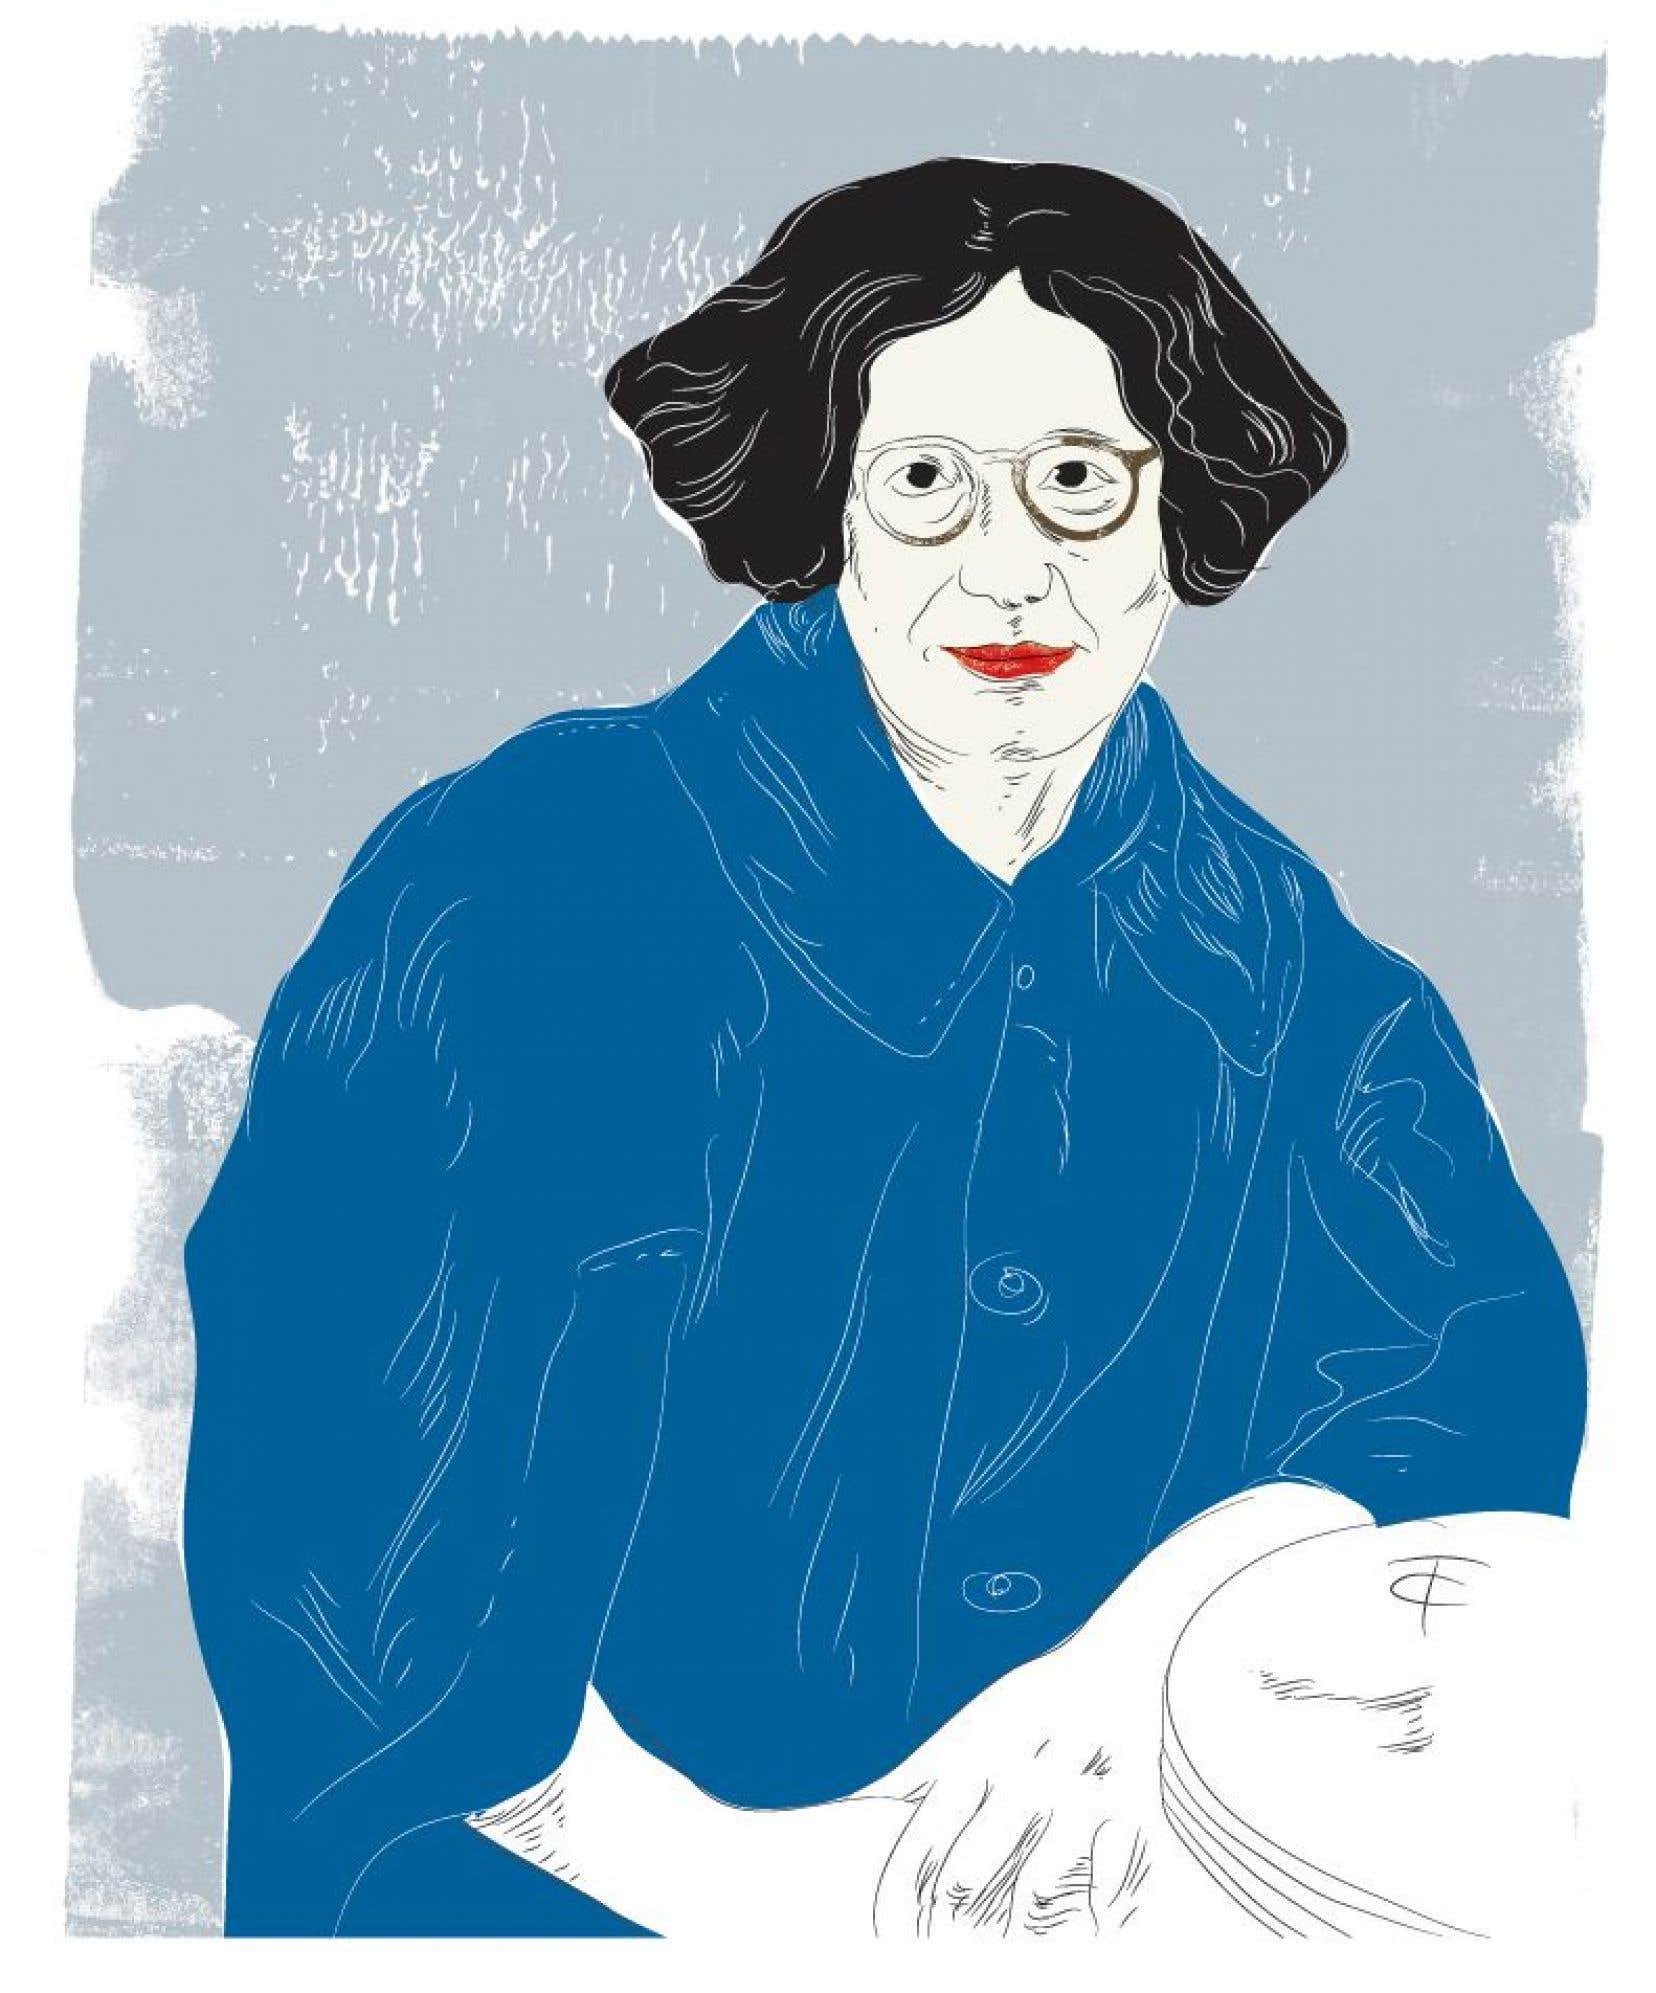 Pour Simone Weil, l'oppression, c'est lorsque les collectivités et les instances qui les représentent ne satisfont pas, bafouent ou nient ces besoins de l'âme et du corps.